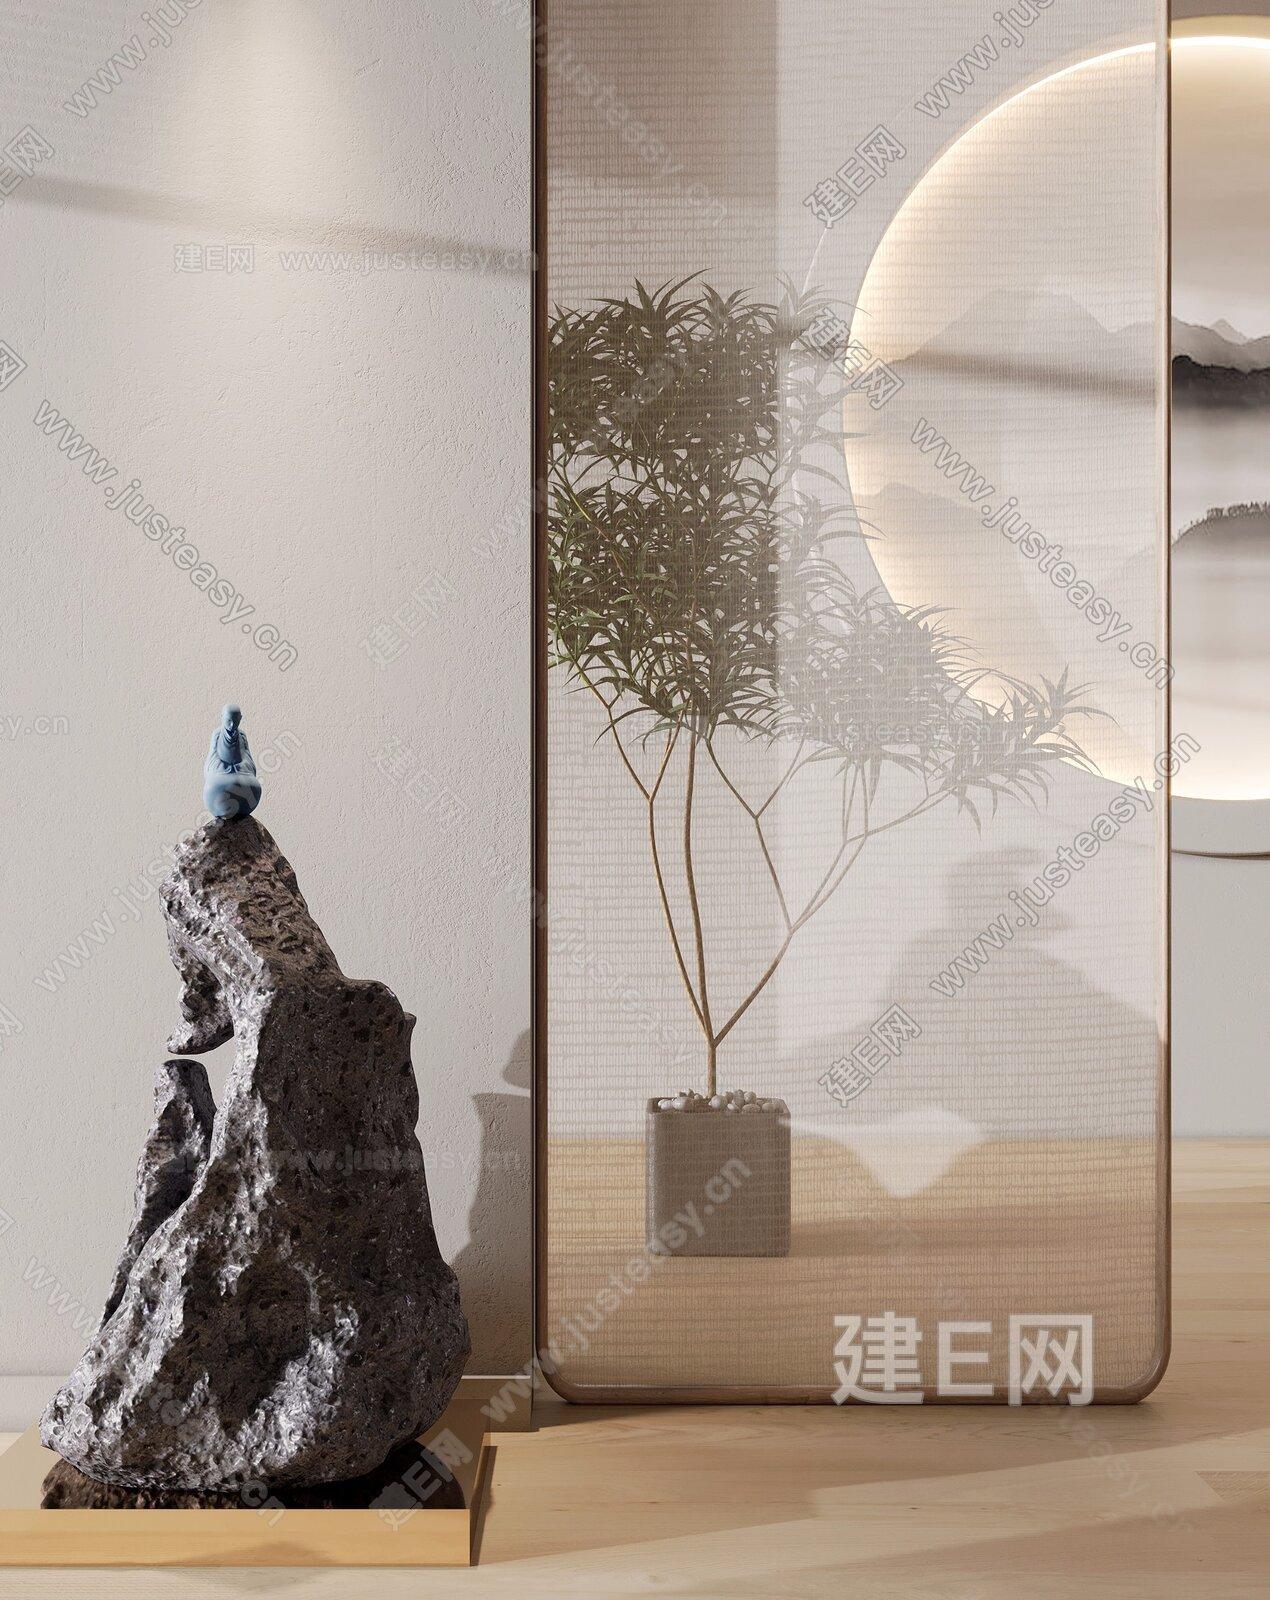 新中式禅意假山雕塑3d模型